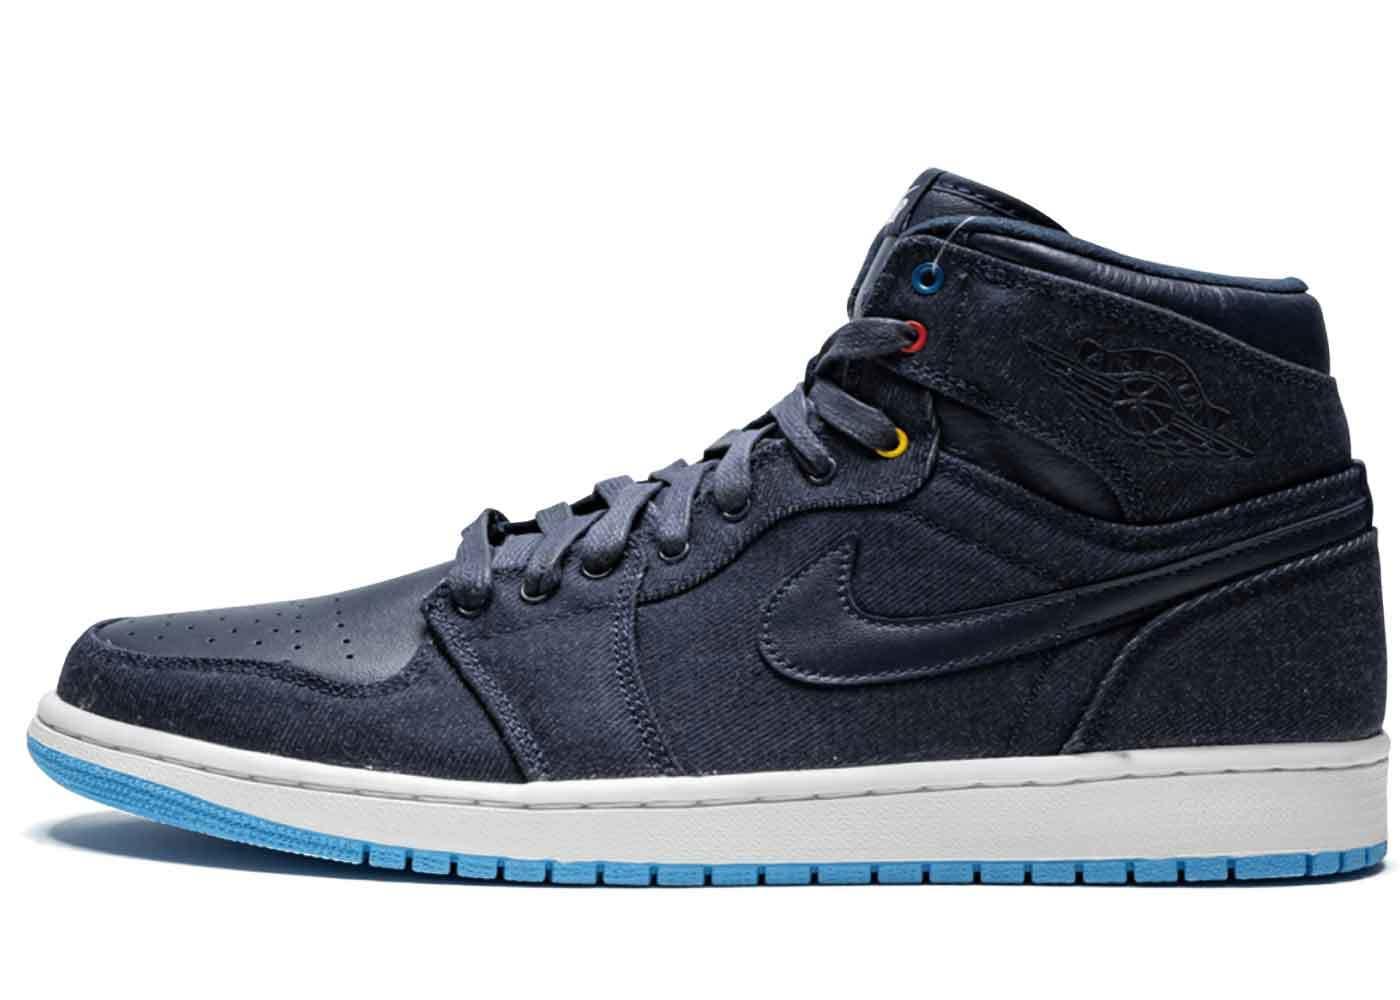 Nike Air Jordan 1 Retro Family Foreverの写真